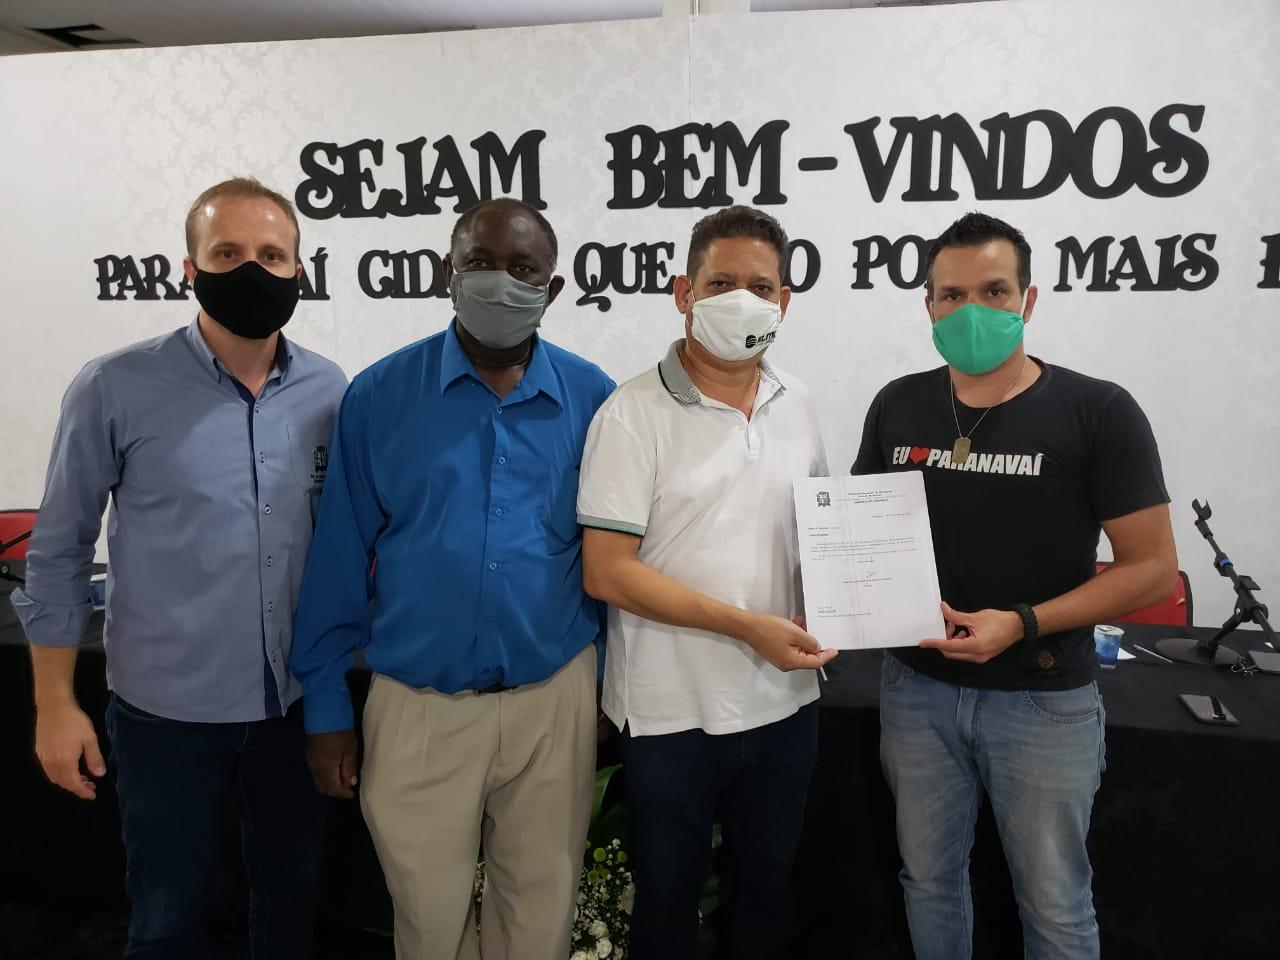 Na foto, o secretário de desenvolvimento econômico, Carlos Emanuel, os vereadores Sabino e Galvão e o prefeito Carlos Henrique Rossato Gomes.